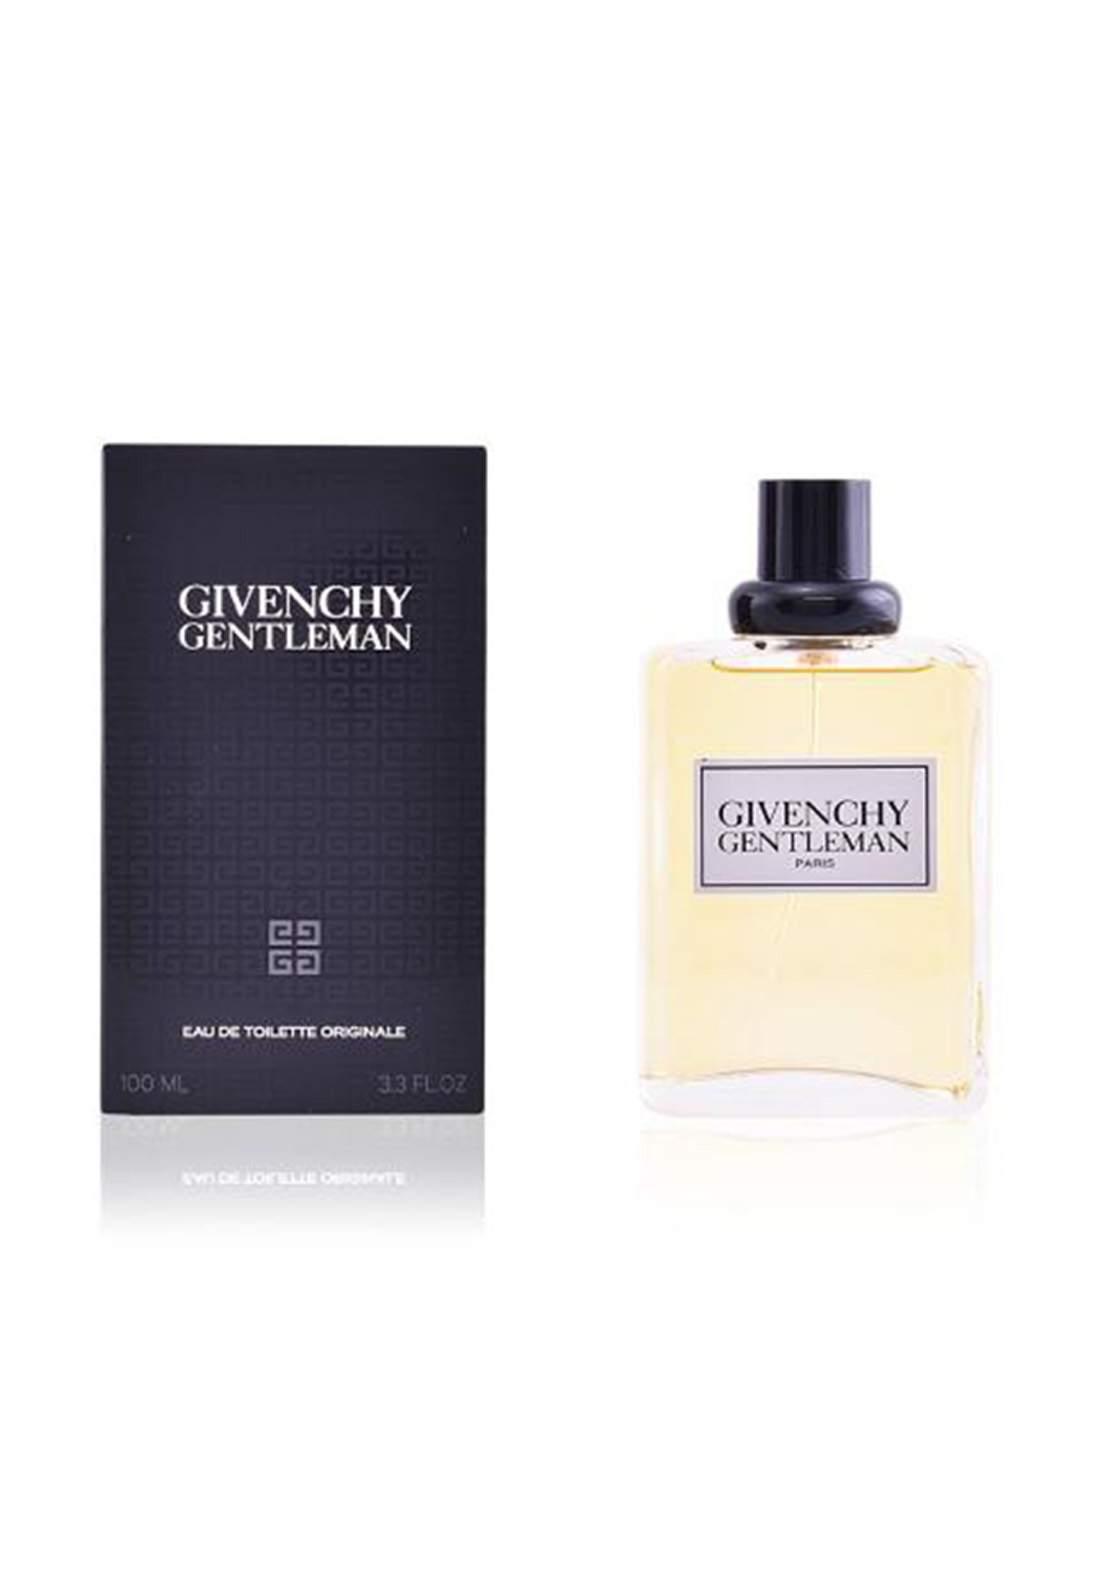 Givenchy Gentleman Originale Eau De Toilette For Men 100m عطر رجالي